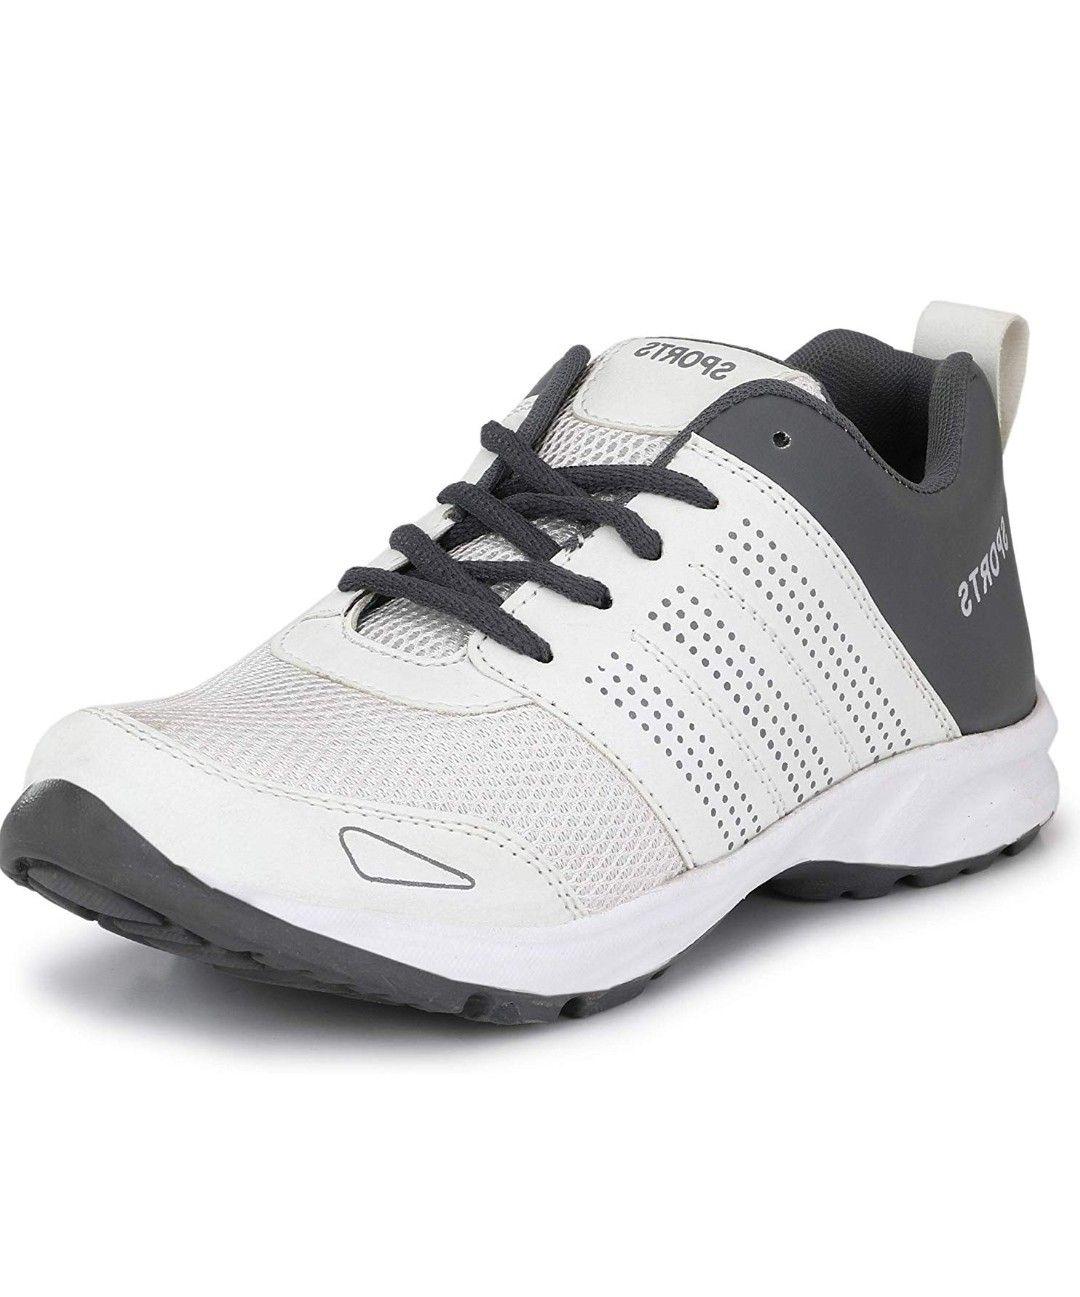 Shoes mens, Shoes